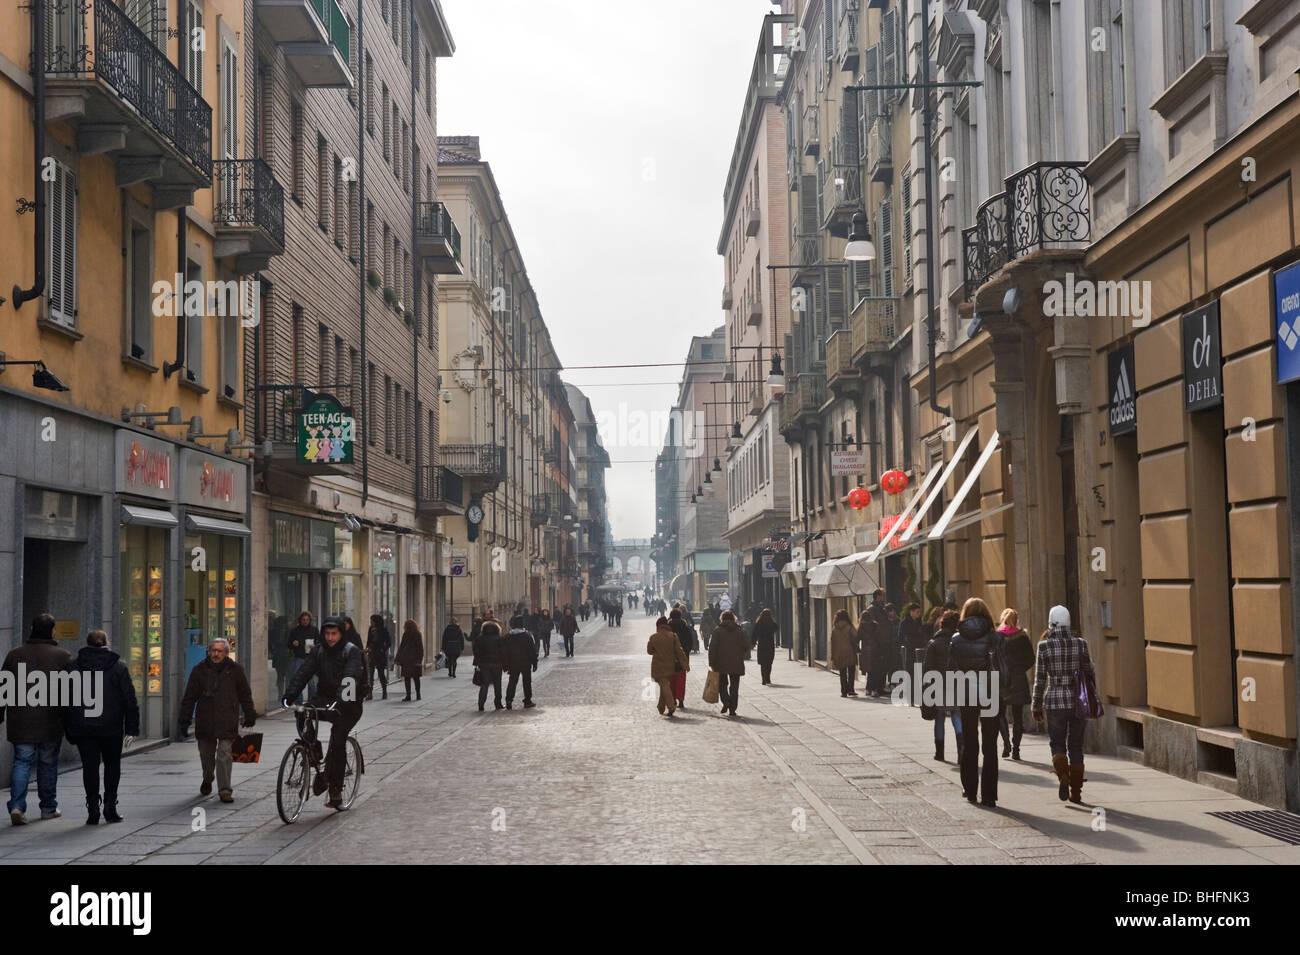 Las tiendas de Via Lagrange en el centro histórico de Turín, Piamonte, Italia Foto de stock